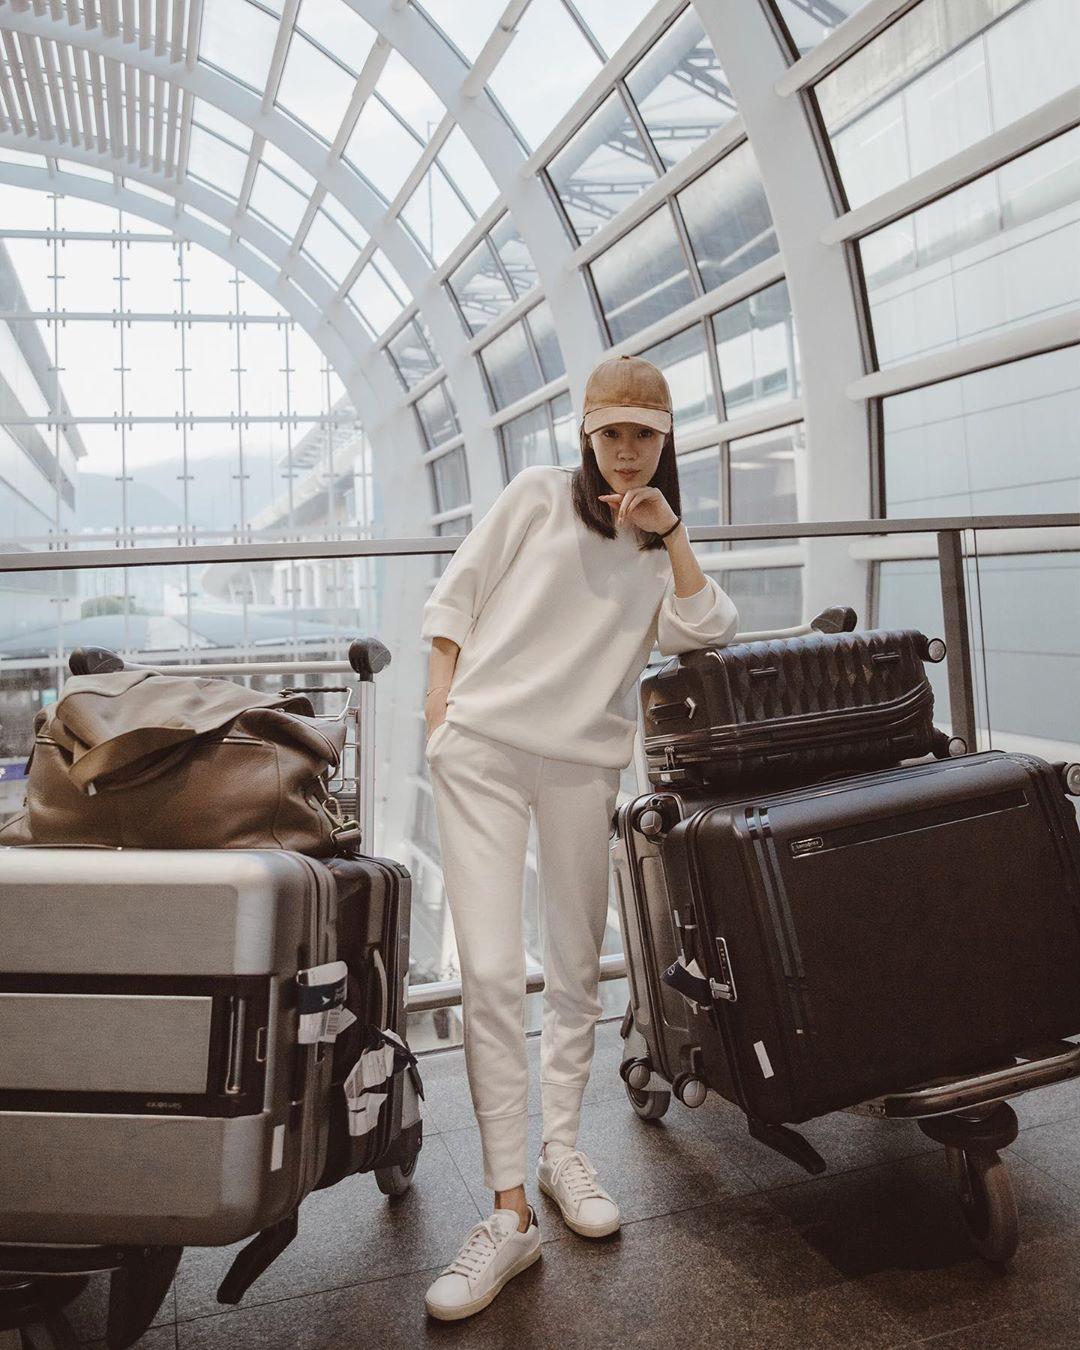 Nhìn chung, dân sành điệu đang diện quần trắng theo 3 cách sang xịn đến nỗi bạn sẽ muốn copy đi copy lại suốt mùa đông 6